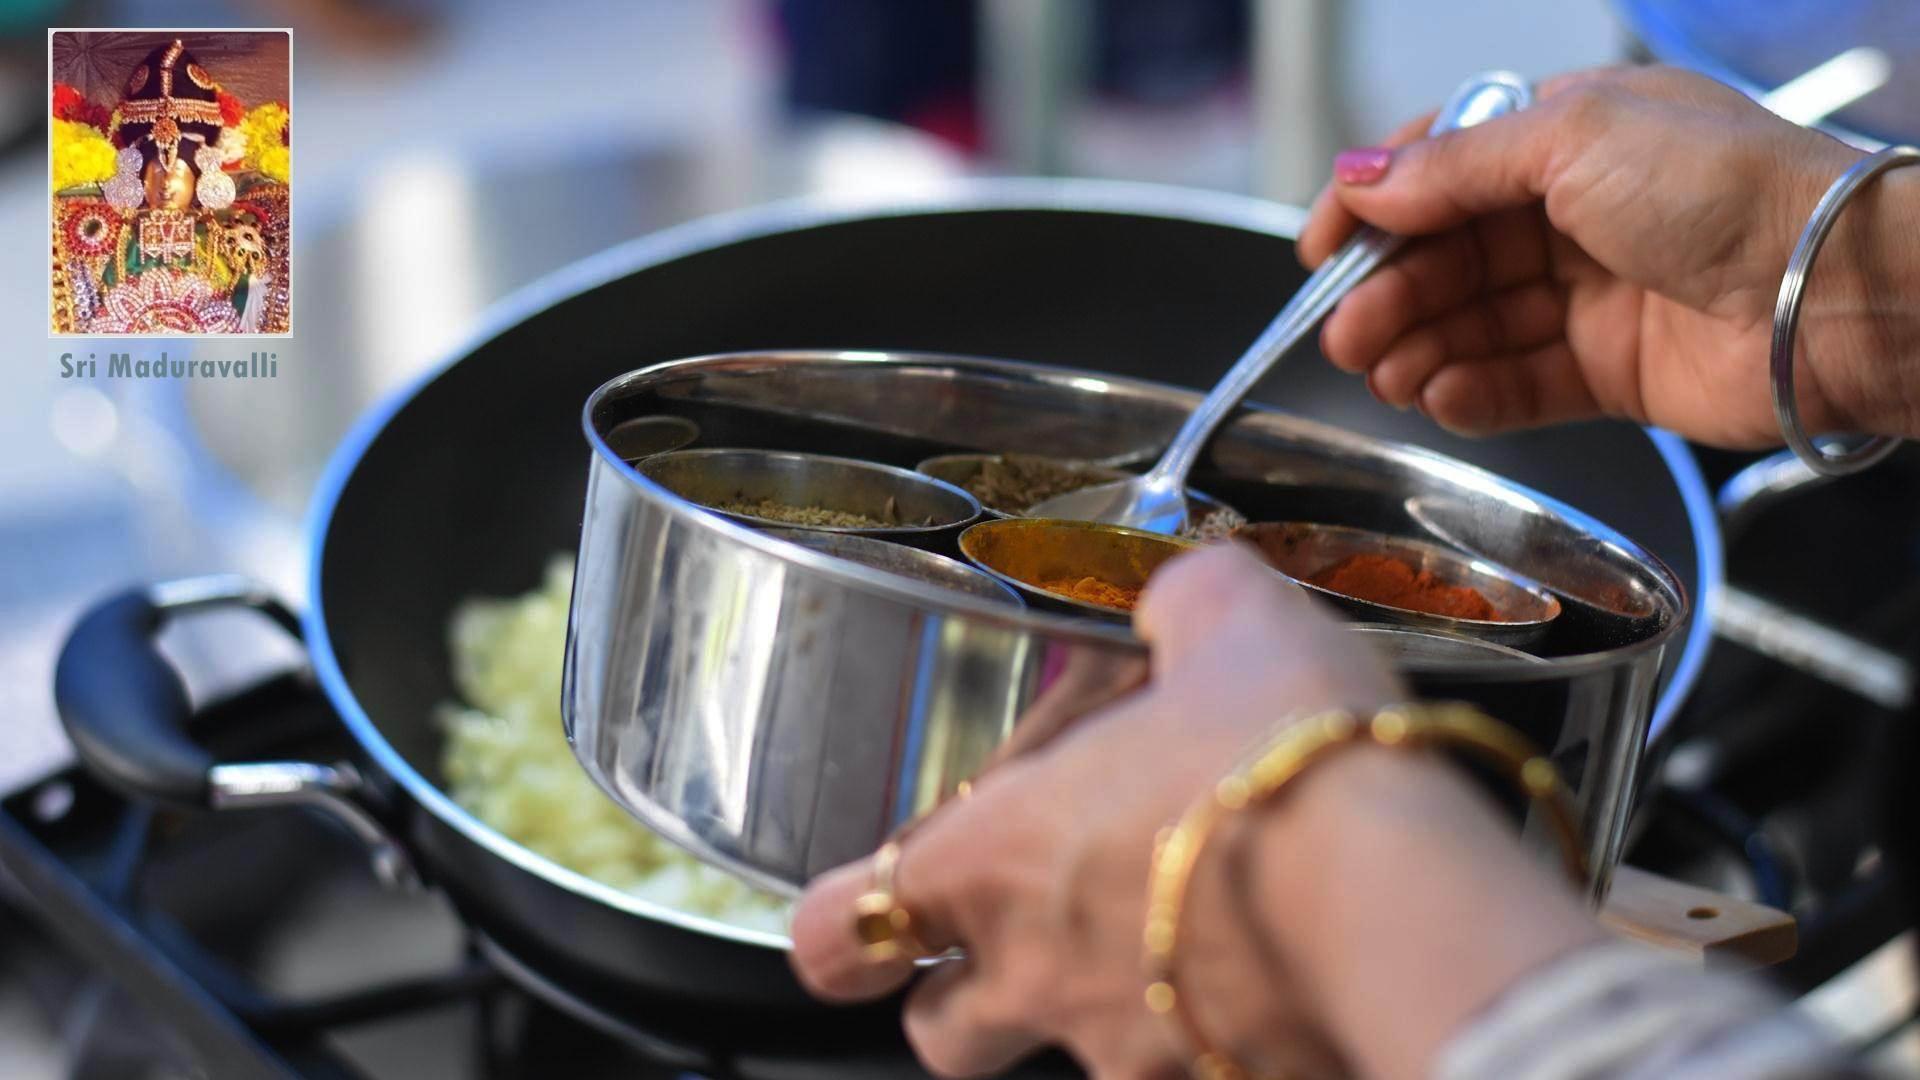 Sri Maduravalli Food Products